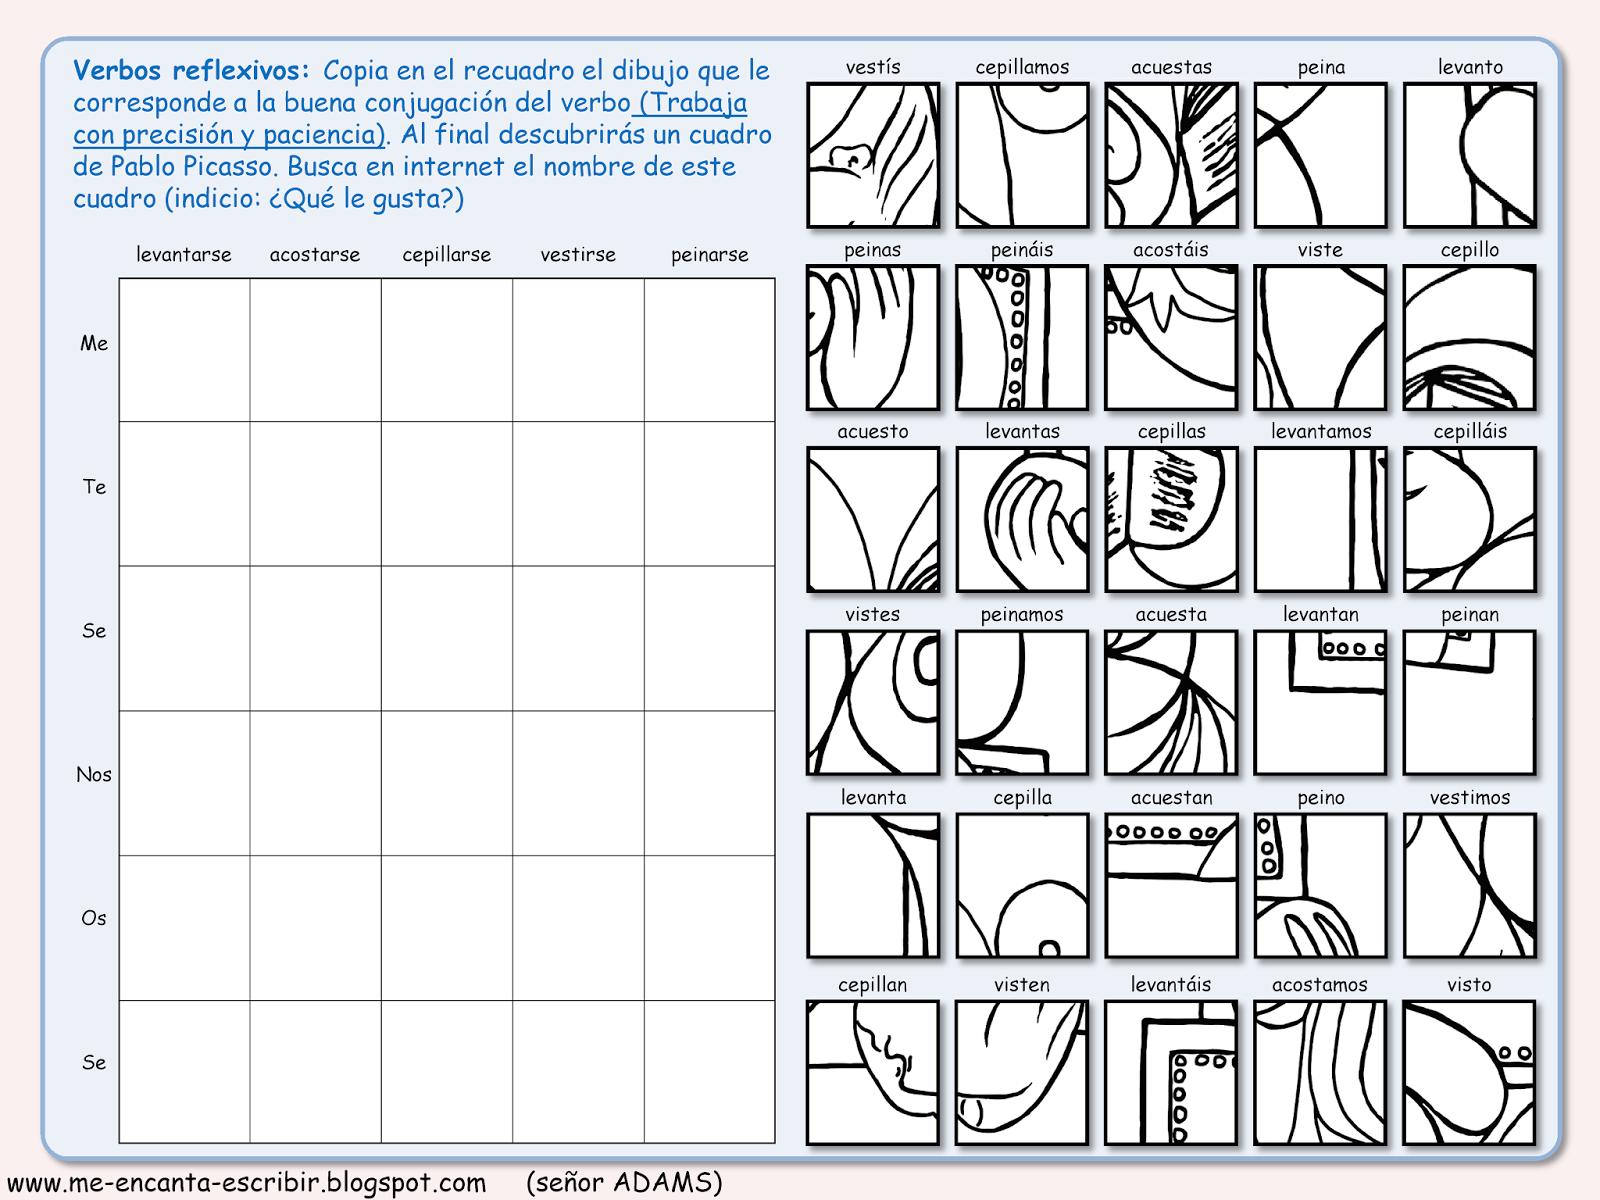 Me Encanta Escribir En Espanol Dibujo Conjugando Un Cuadro De Pablo Picasso Juego De Conjugacion Verbos Verbos Reflexivos Verbos Cuadros De Pablo Picasso [ 1200 x 1600 Pixel ]